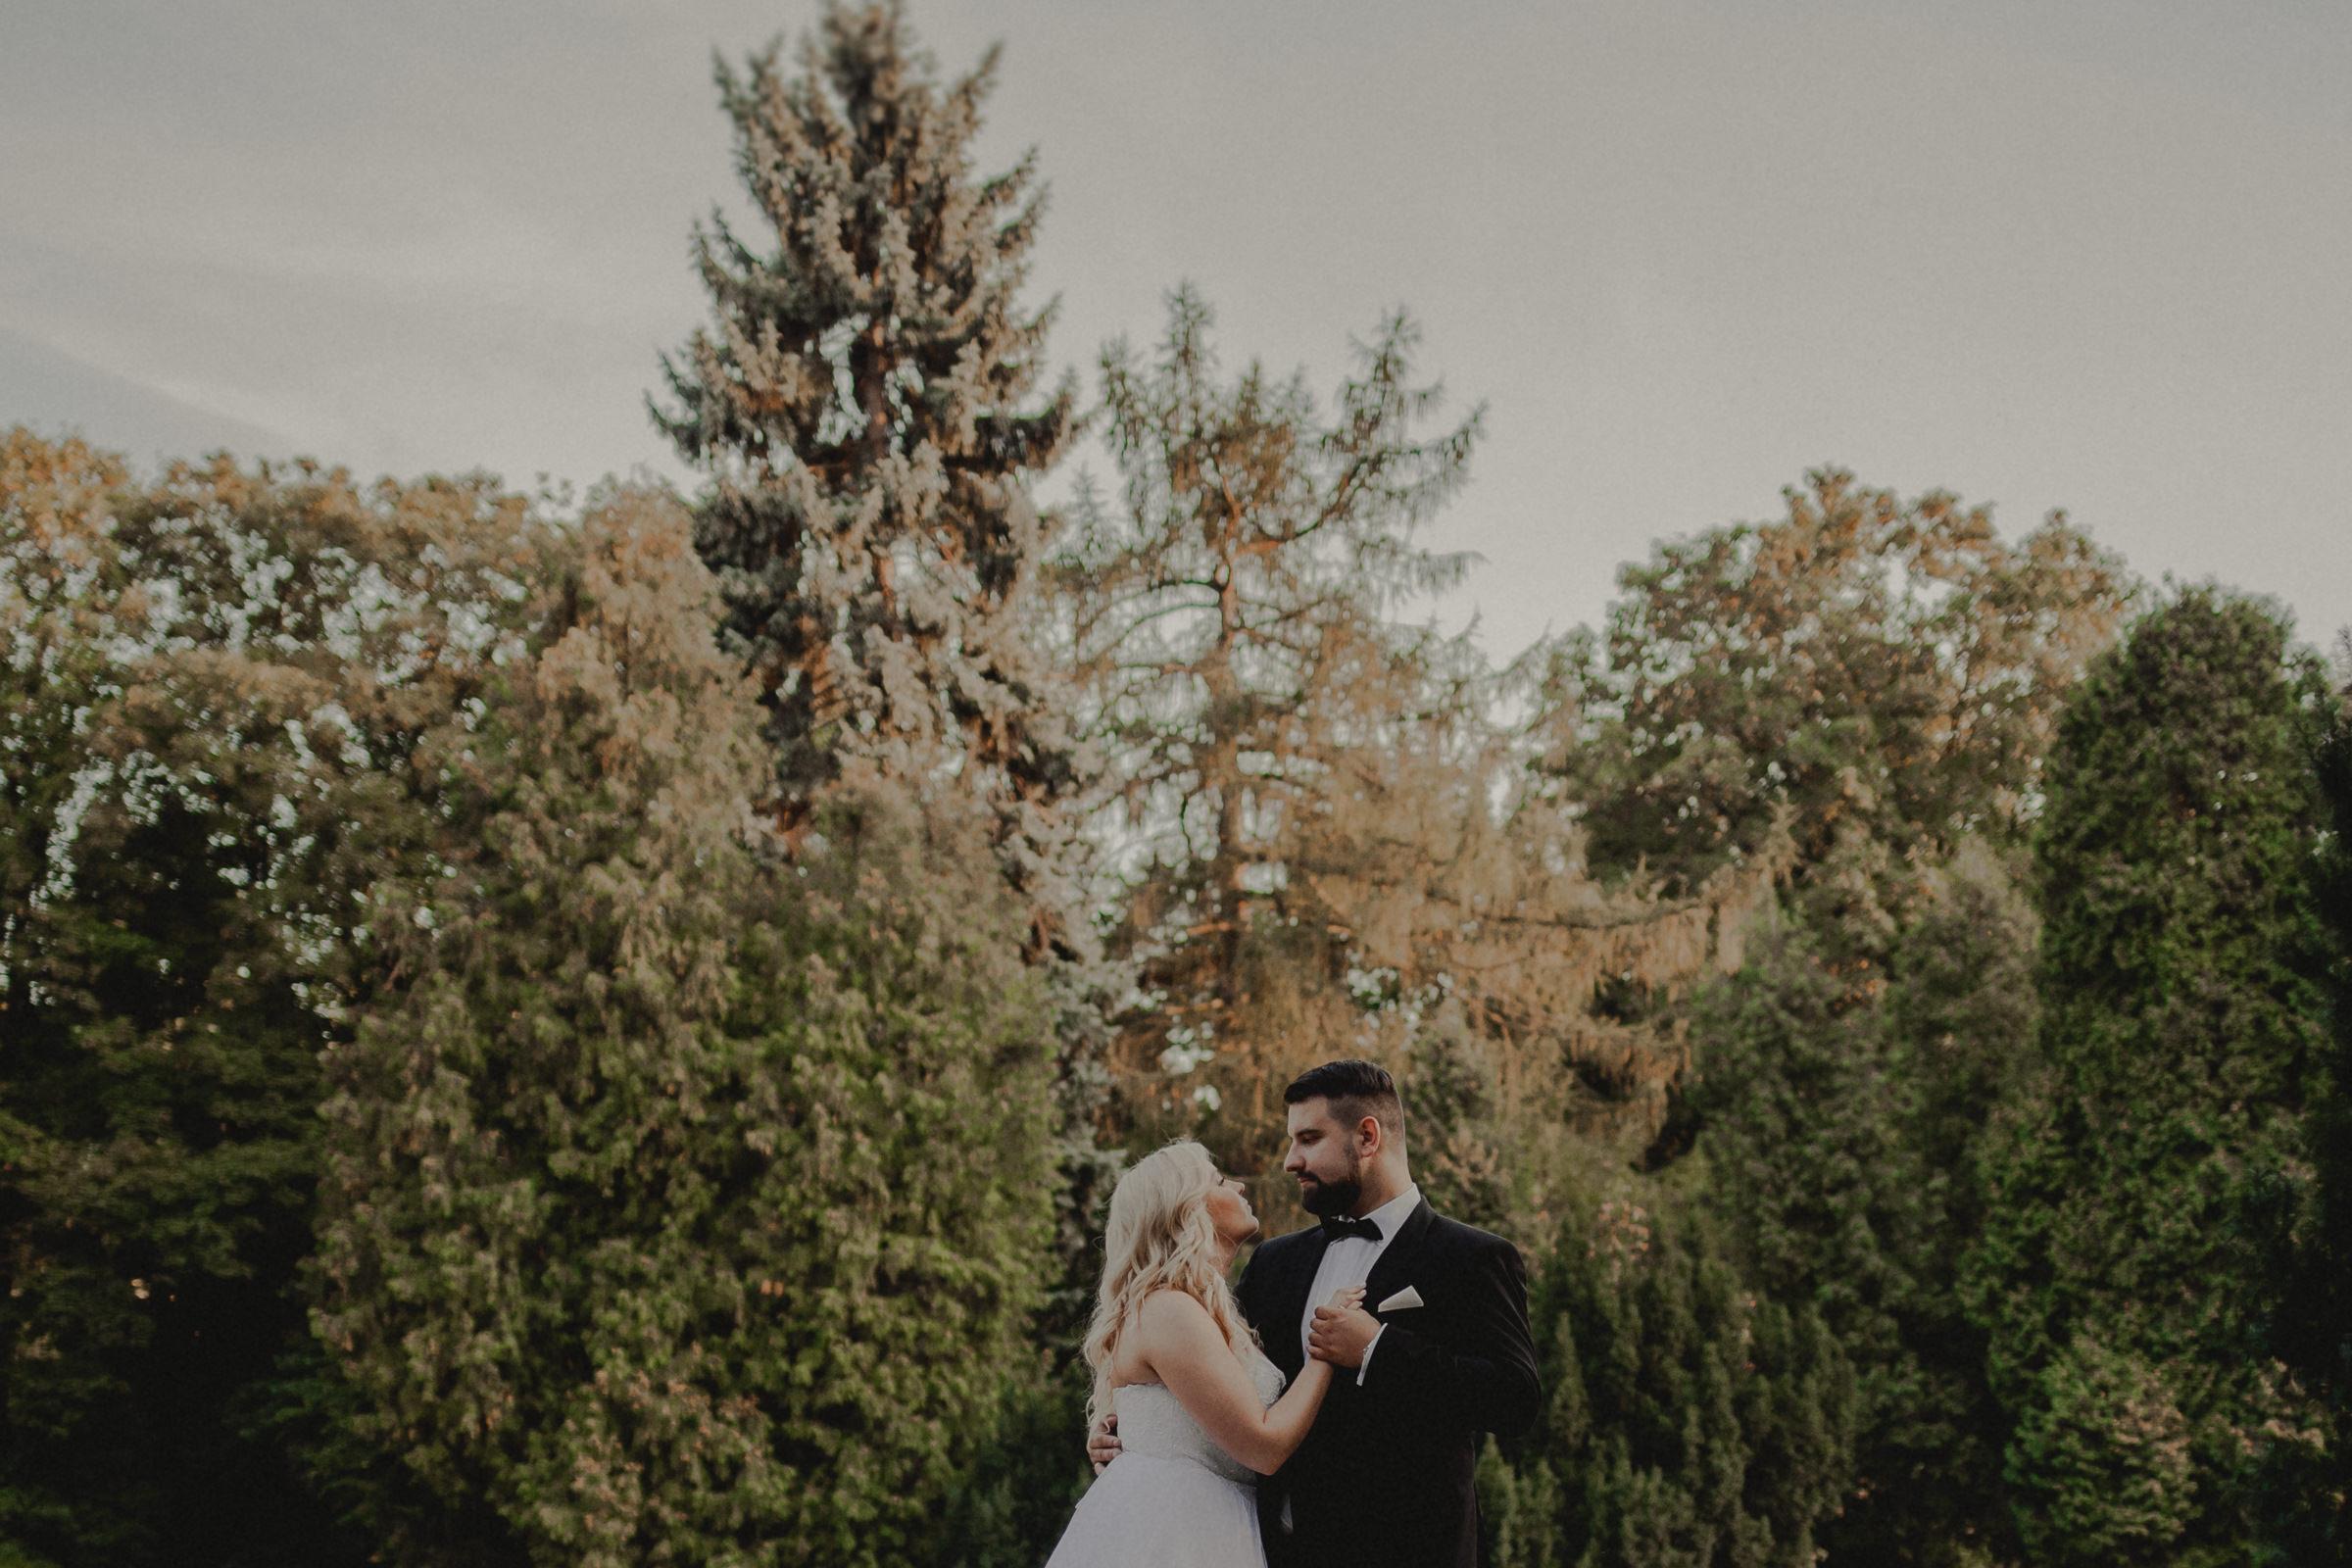 kadrowanie fotografia ślubna